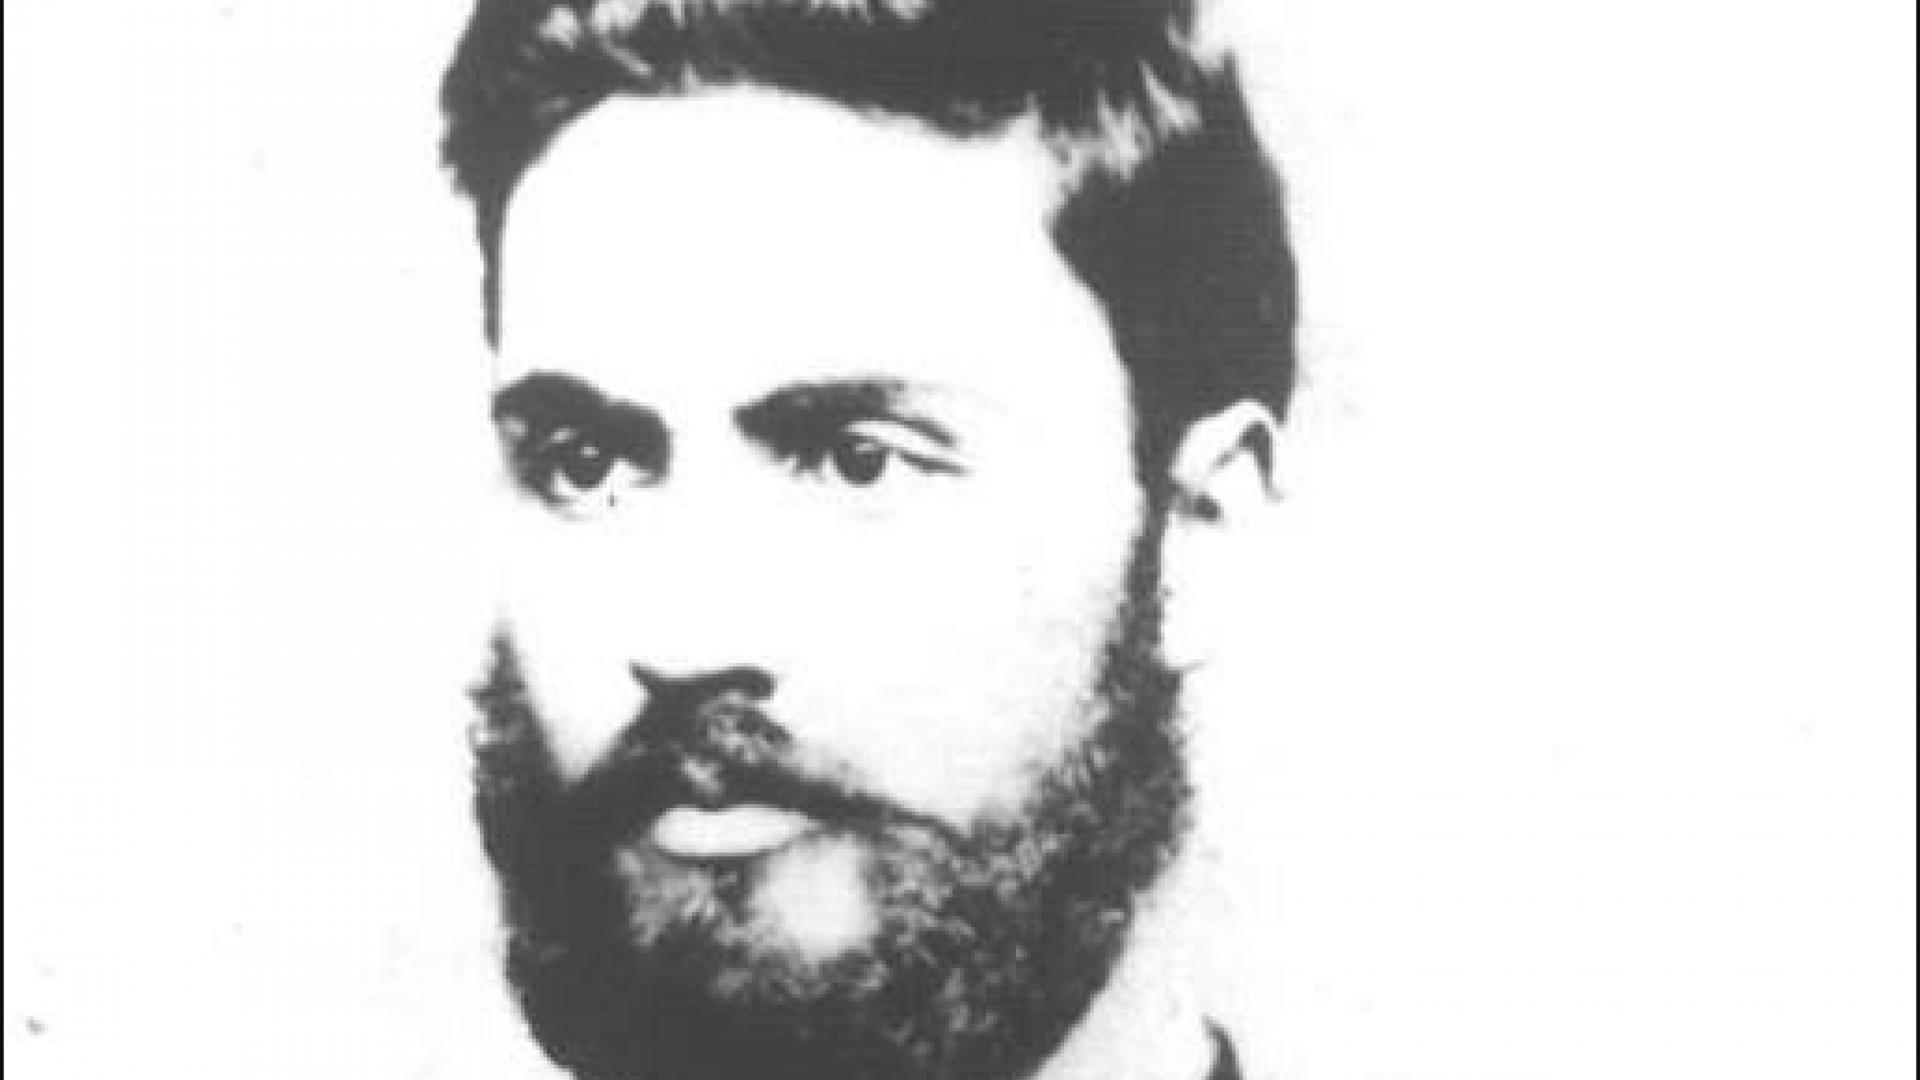 На 5 март 2021 г. се навършват 149 години от смъртта на революционера Ангел Кънчев